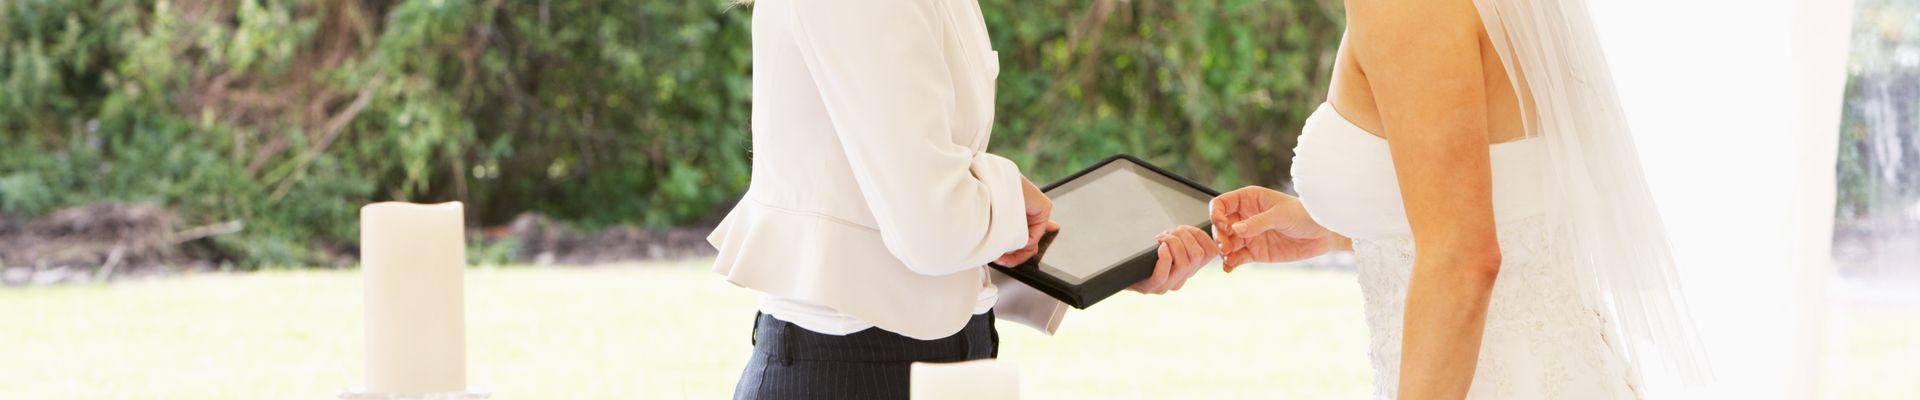 Hochzeitsplaner, weddingplanner, Planer für die Hochzeit, Hochzeitsplanerin